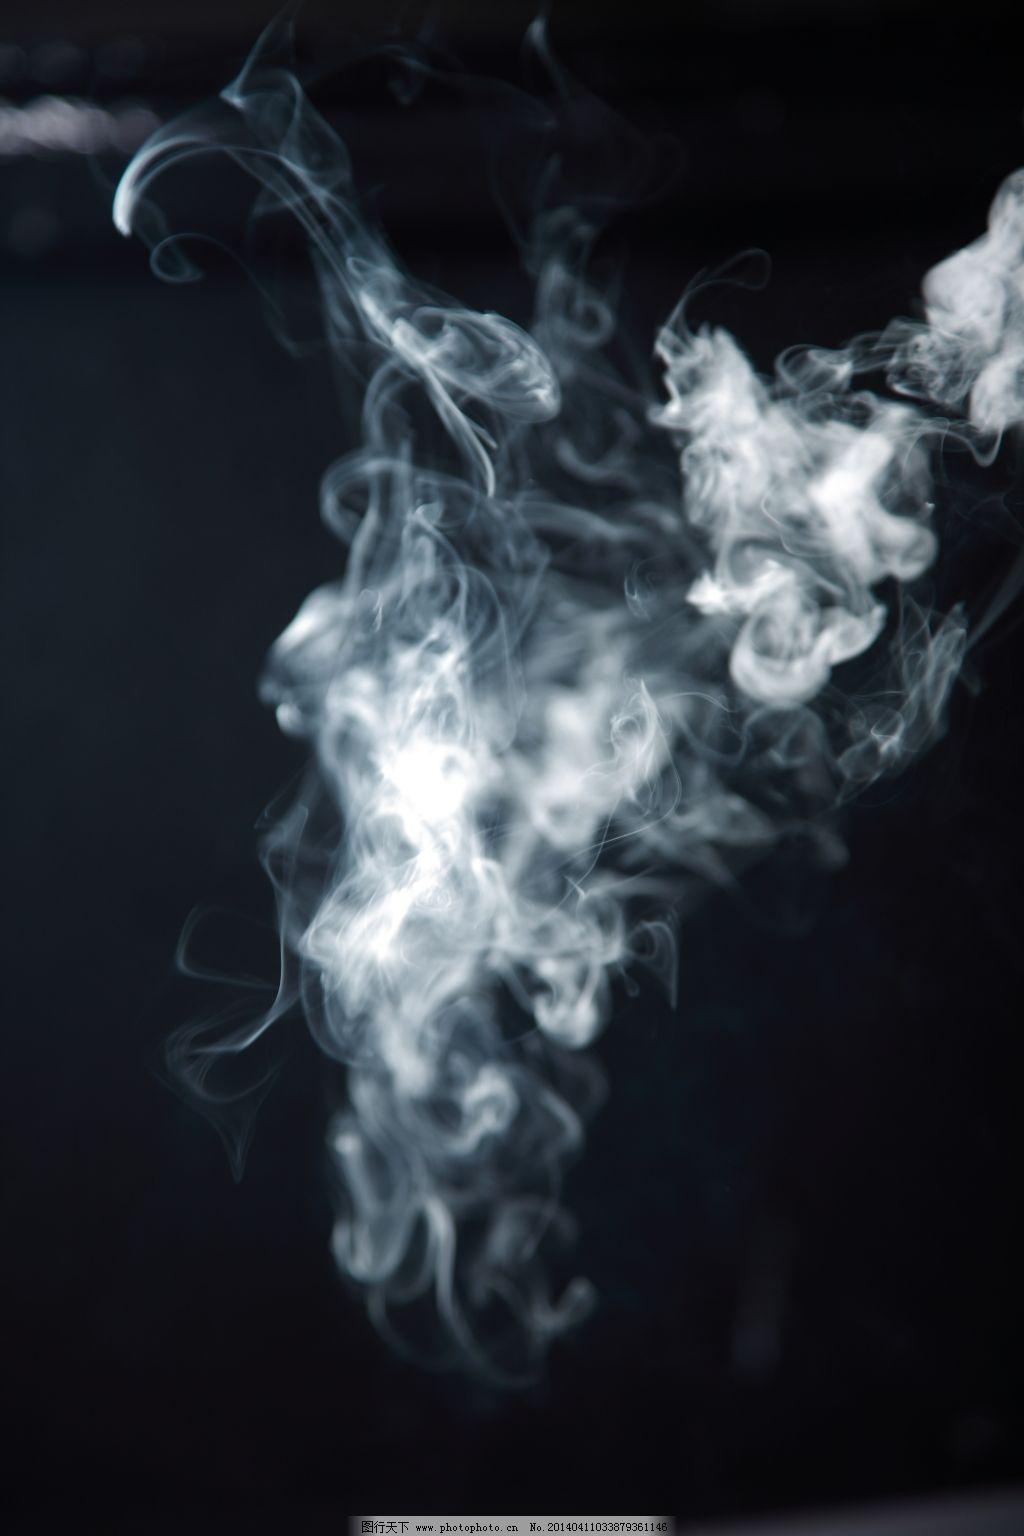 烟雾吸收器硬件电路图